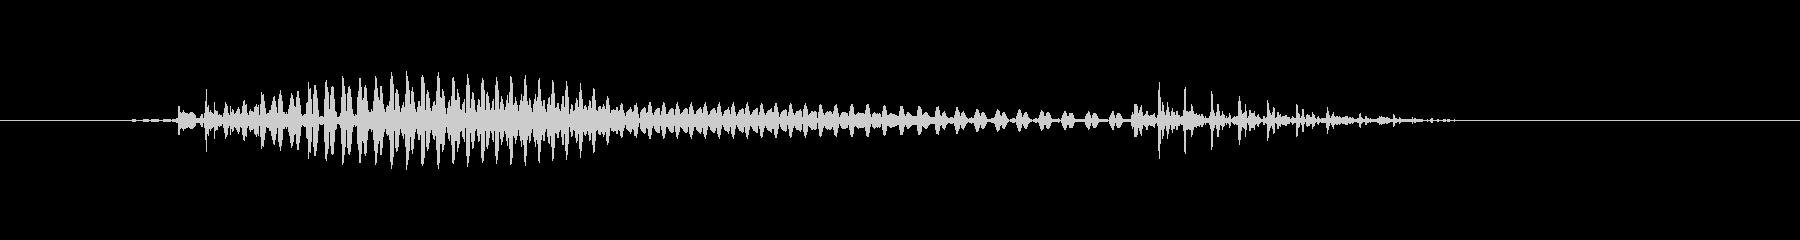 都道府県 - 群馬の未再生の波形